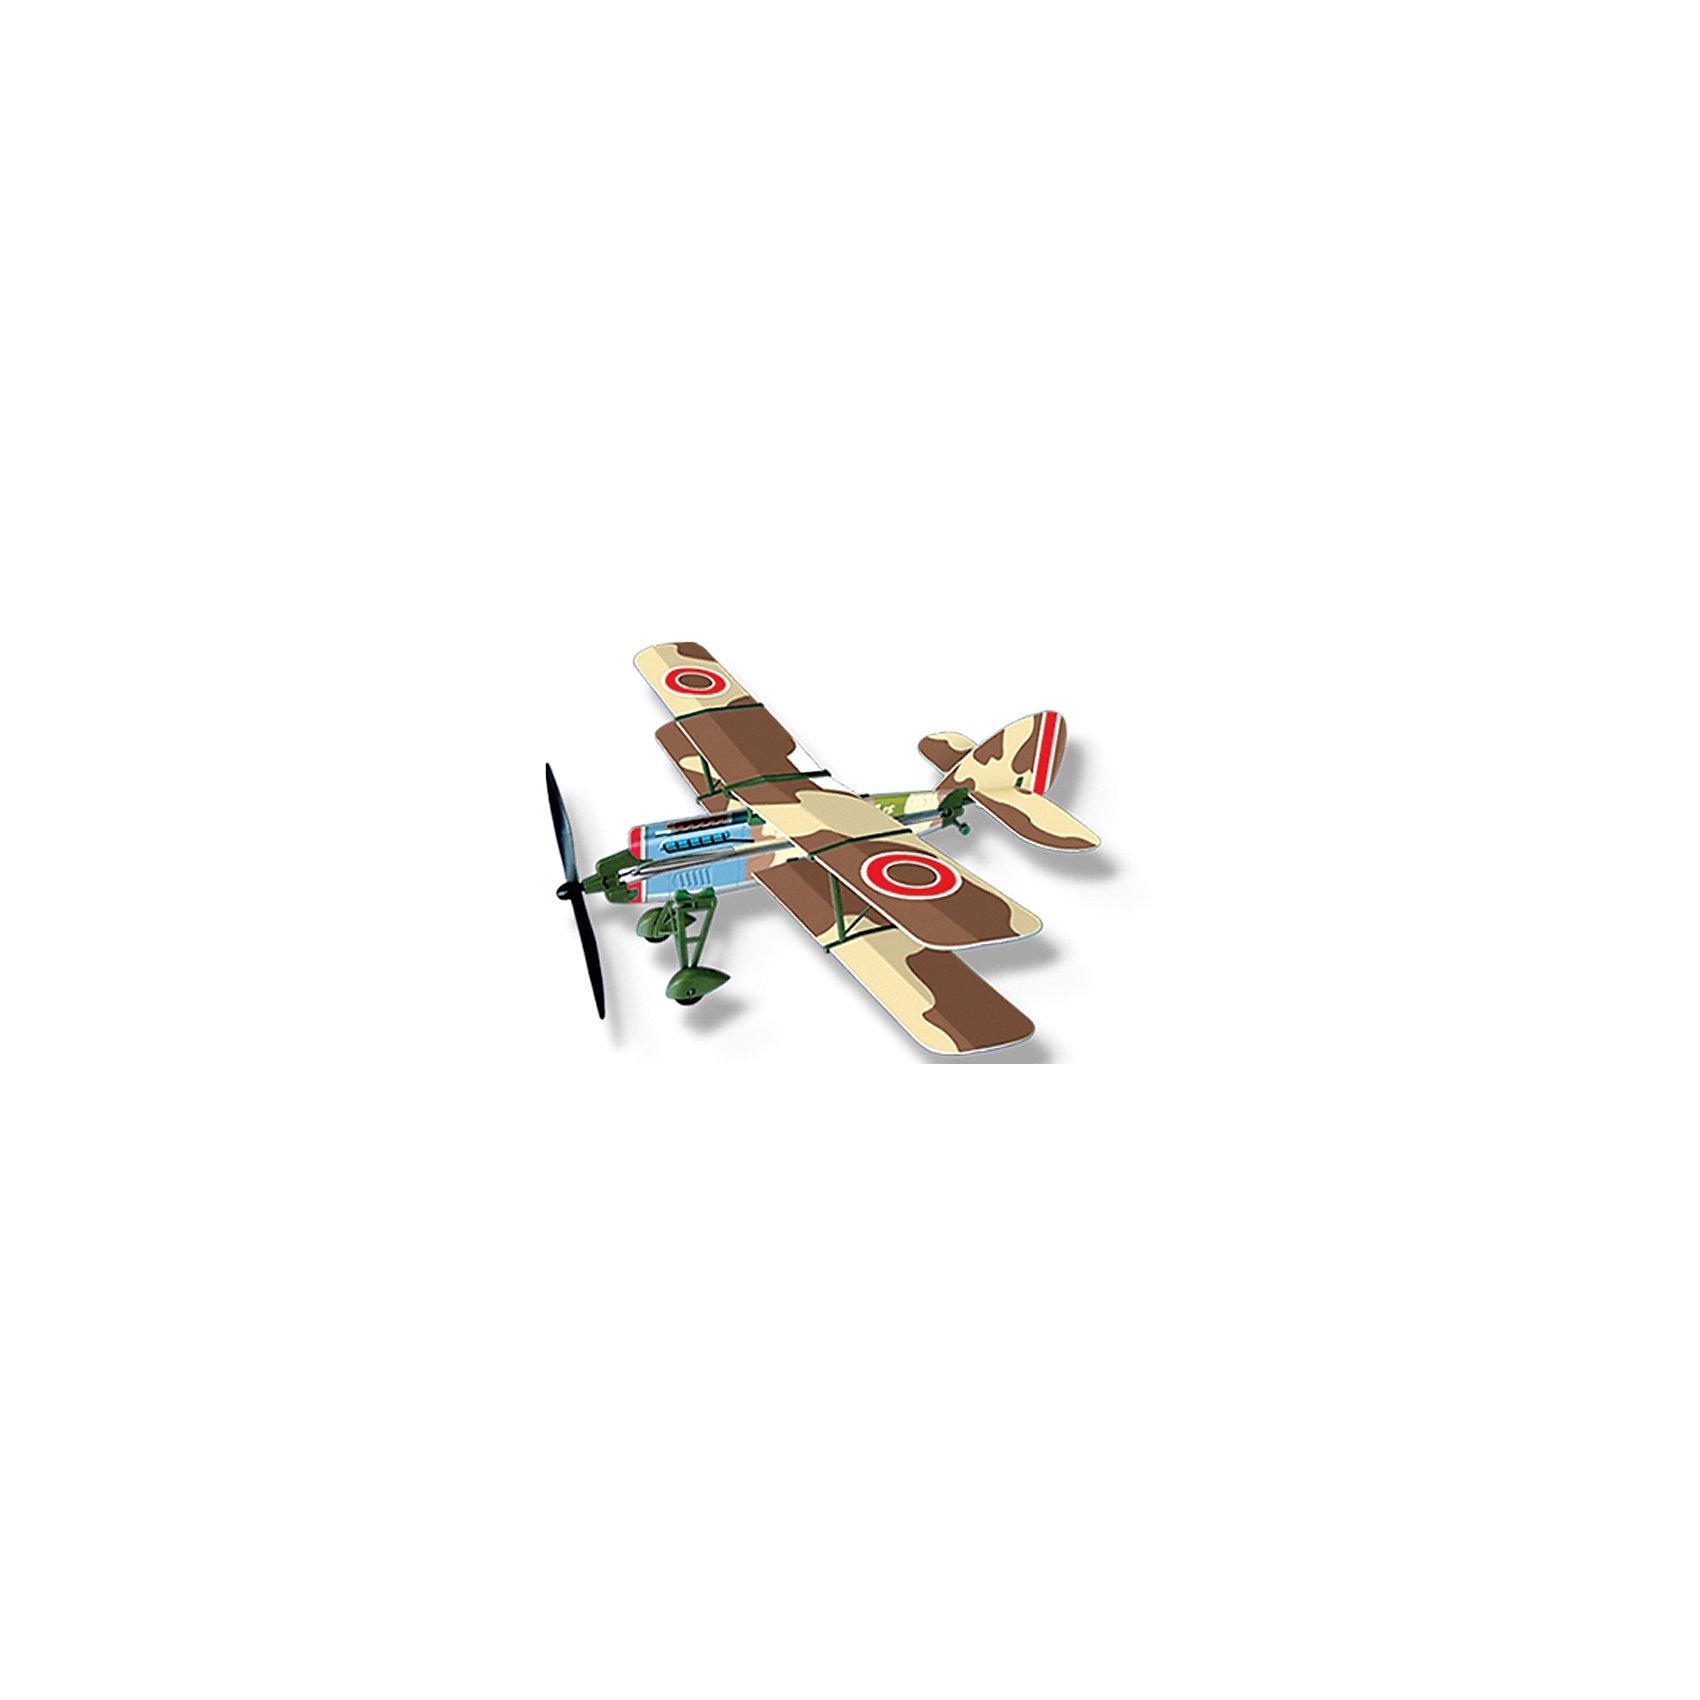 Самолет с резиномотором History Plane F.2B Airplane, LYONAEECСамолёты и вертолёты<br>Любой мальчишка придет в восторг от самолета History Plane F.2B Airplane от LYONAEEC! Легкую и изящную модель биплана катапультного типа удобно носить с собой. С его помощью можно сделать прогулки еще более увлекательными. Набор позволяет собрать реалистичную модель одномоторного двухместного биплана и запустить его в воздух. Для этого не требуется клея или специальных инструментов. Запустить его можно ручным броском или специальной скруткой пропеллера. Самолет летит очень далеко и красиво планирует. С History Plane F.2B Airplane интересно играть даже компанией! Ведь самолет в зависимости от угла запуска и скорости самолет может лететь далеко, а затем самостоятельно приземляться. Решайте, кто лучший пилот и оттачивайте навыки пилотирования с History Plane F.2B Airplane. Мальчишкам очень понравится играть с самолетом, который они соберут сами, используя несложную инструкцию.<br><br>Дополнительная информация:<br><br>- В комплекте: детали самолета, инструкция;<br>- Материал: пластик;<br>- Яркое оформление;<br>- Длина самолета: 45,3 см;<br>- Размах крыльев: 42,2 см;<br>- Размер упаковки: 42,5 х 17,5 х 35 см;<br>- Вес: 73 г<br><br>Самолет с резиномотором History Plane F.2B Airplane, LYONAEEC  можно купить в нашем интернет-магазине.<br><br>Ширина мм: 425<br>Глубина мм: 175<br>Высота мм: 350<br>Вес г: 73<br>Возраст от месяцев: 96<br>Возраст до месяцев: 168<br>Пол: Мужской<br>Возраст: Детский<br>SKU: 4094276